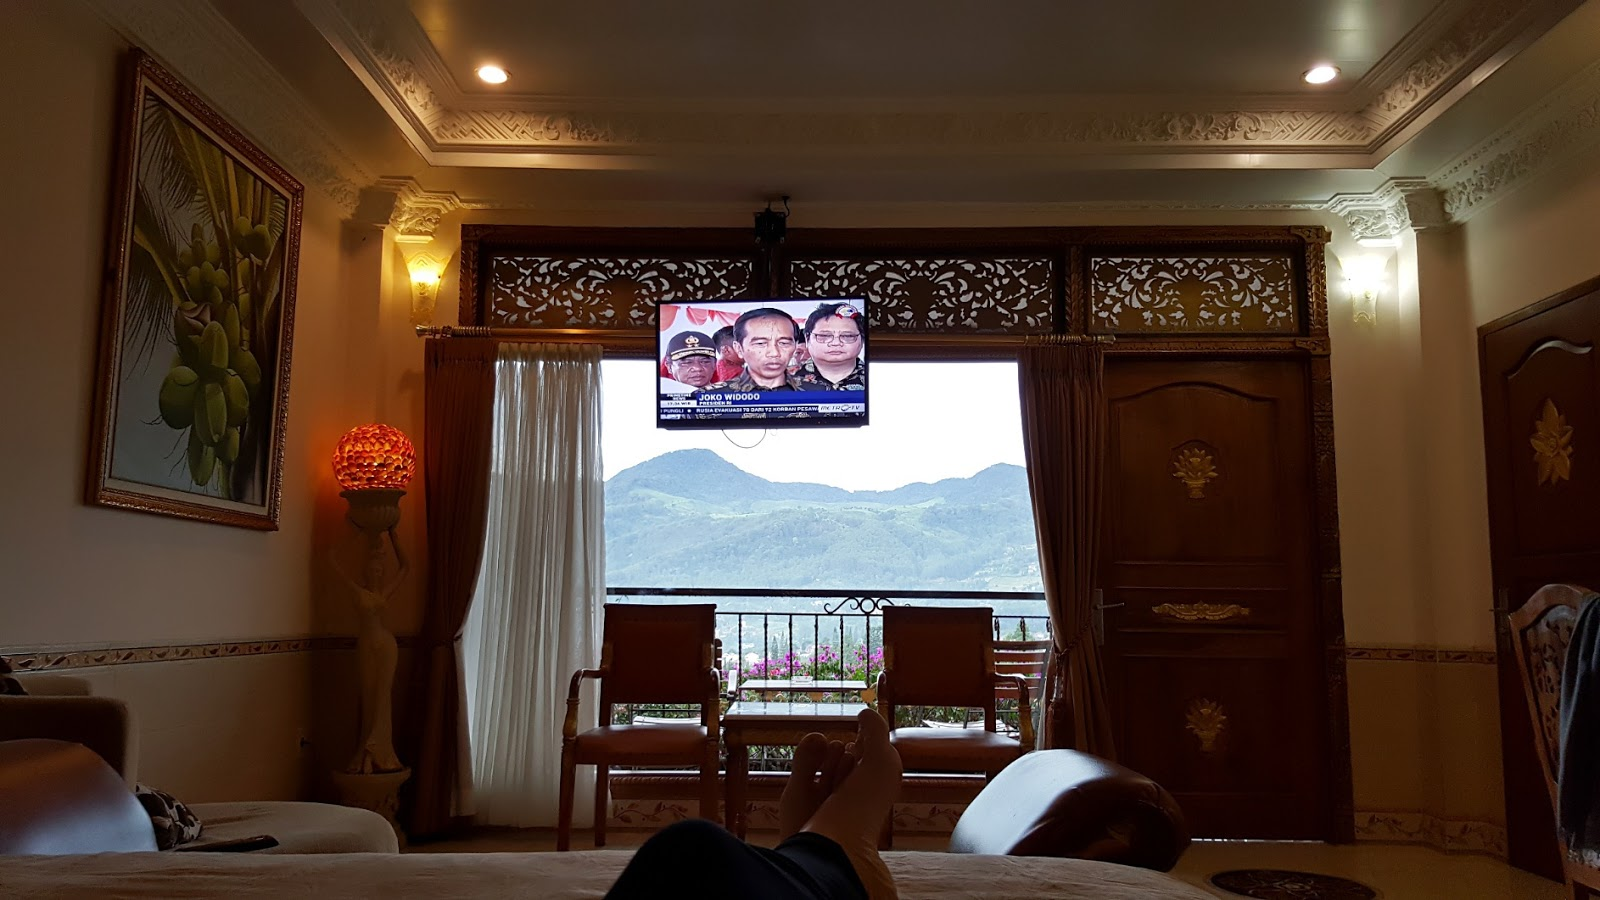 Dunia Senja Liburan Singkat Di Hotel Seruni 3 Puncak